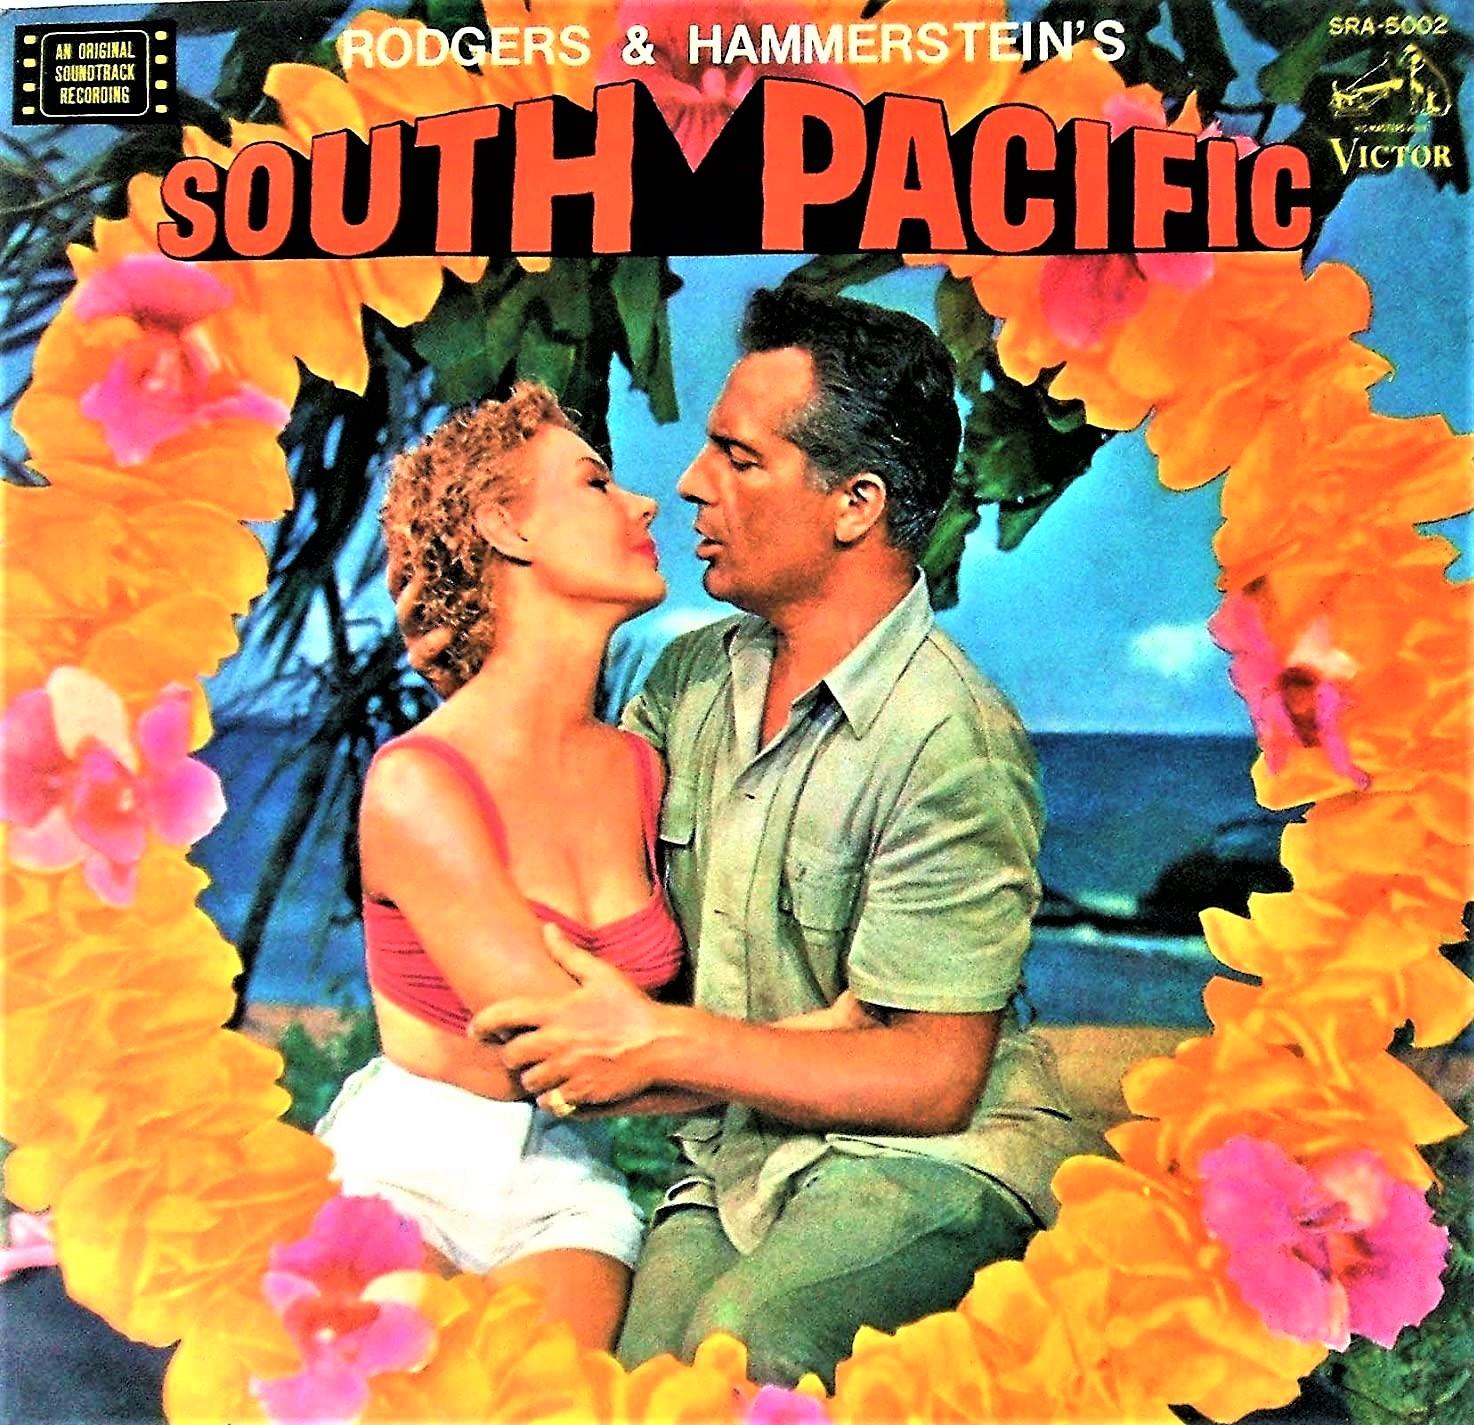 映画版『南太平洋』(1958年)のサントラLP。現在は、輸入盤CDやダウンロードで購入可だ。